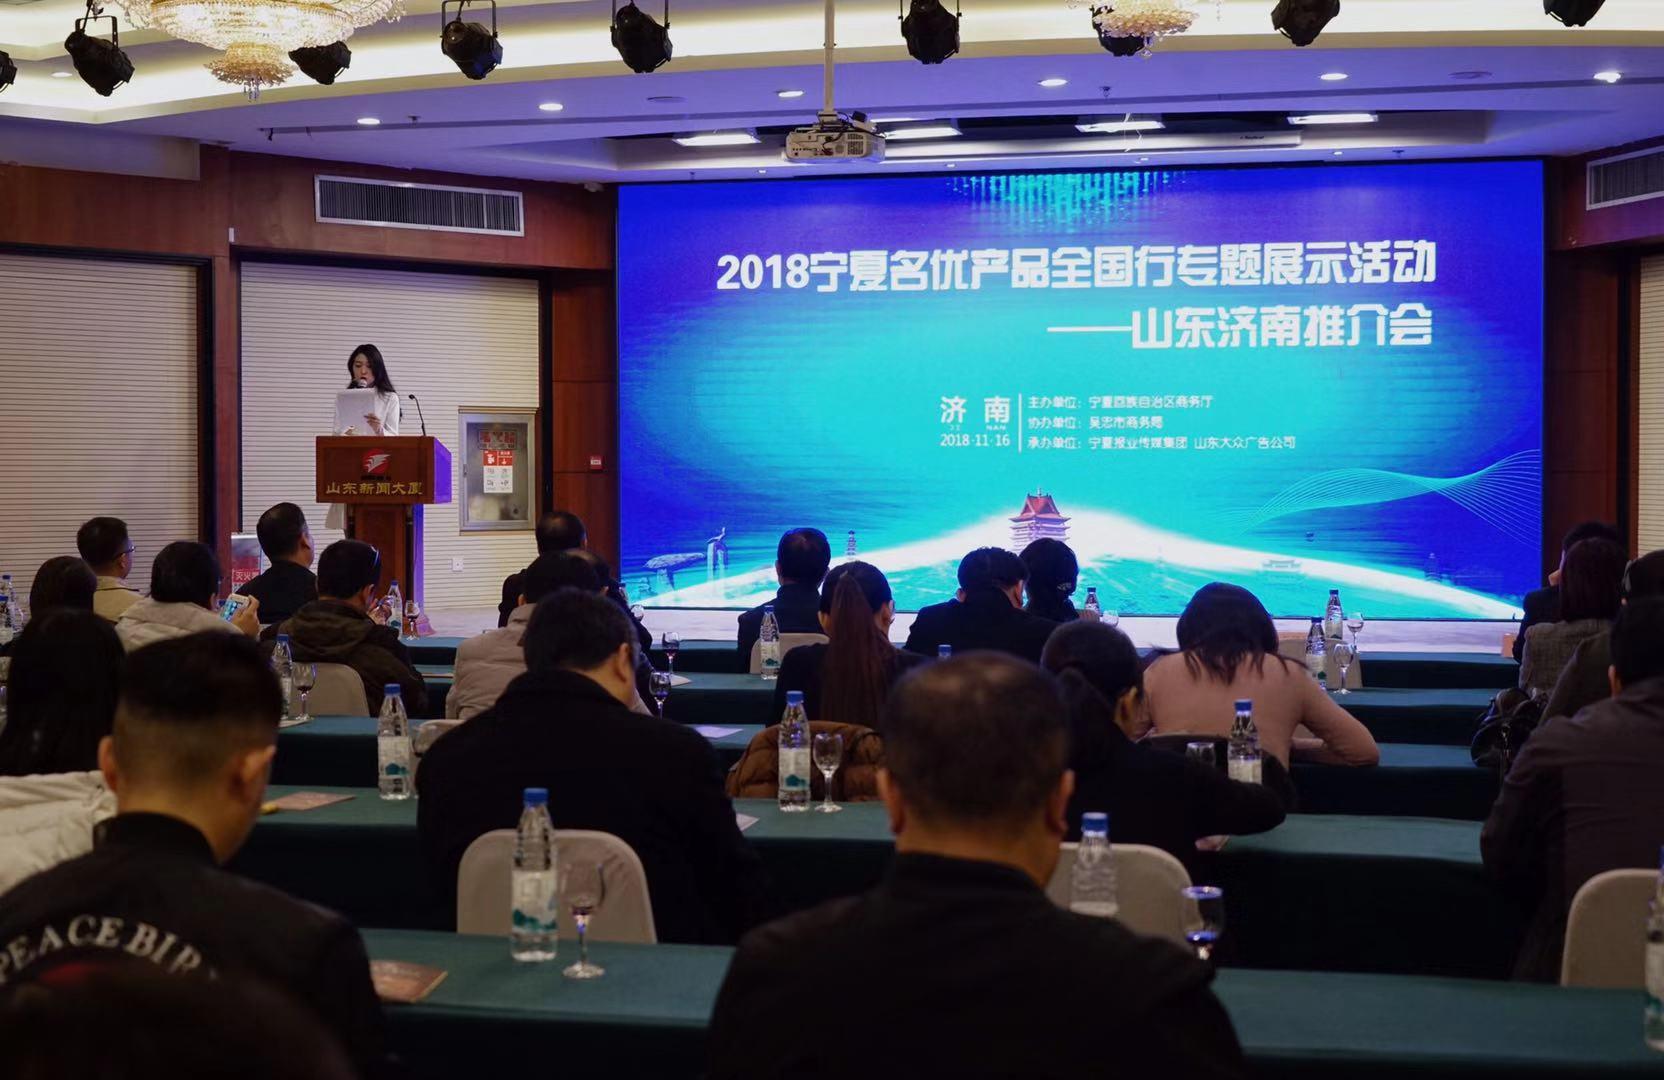 2018宁夏名优产品全国行推介会在济南举办